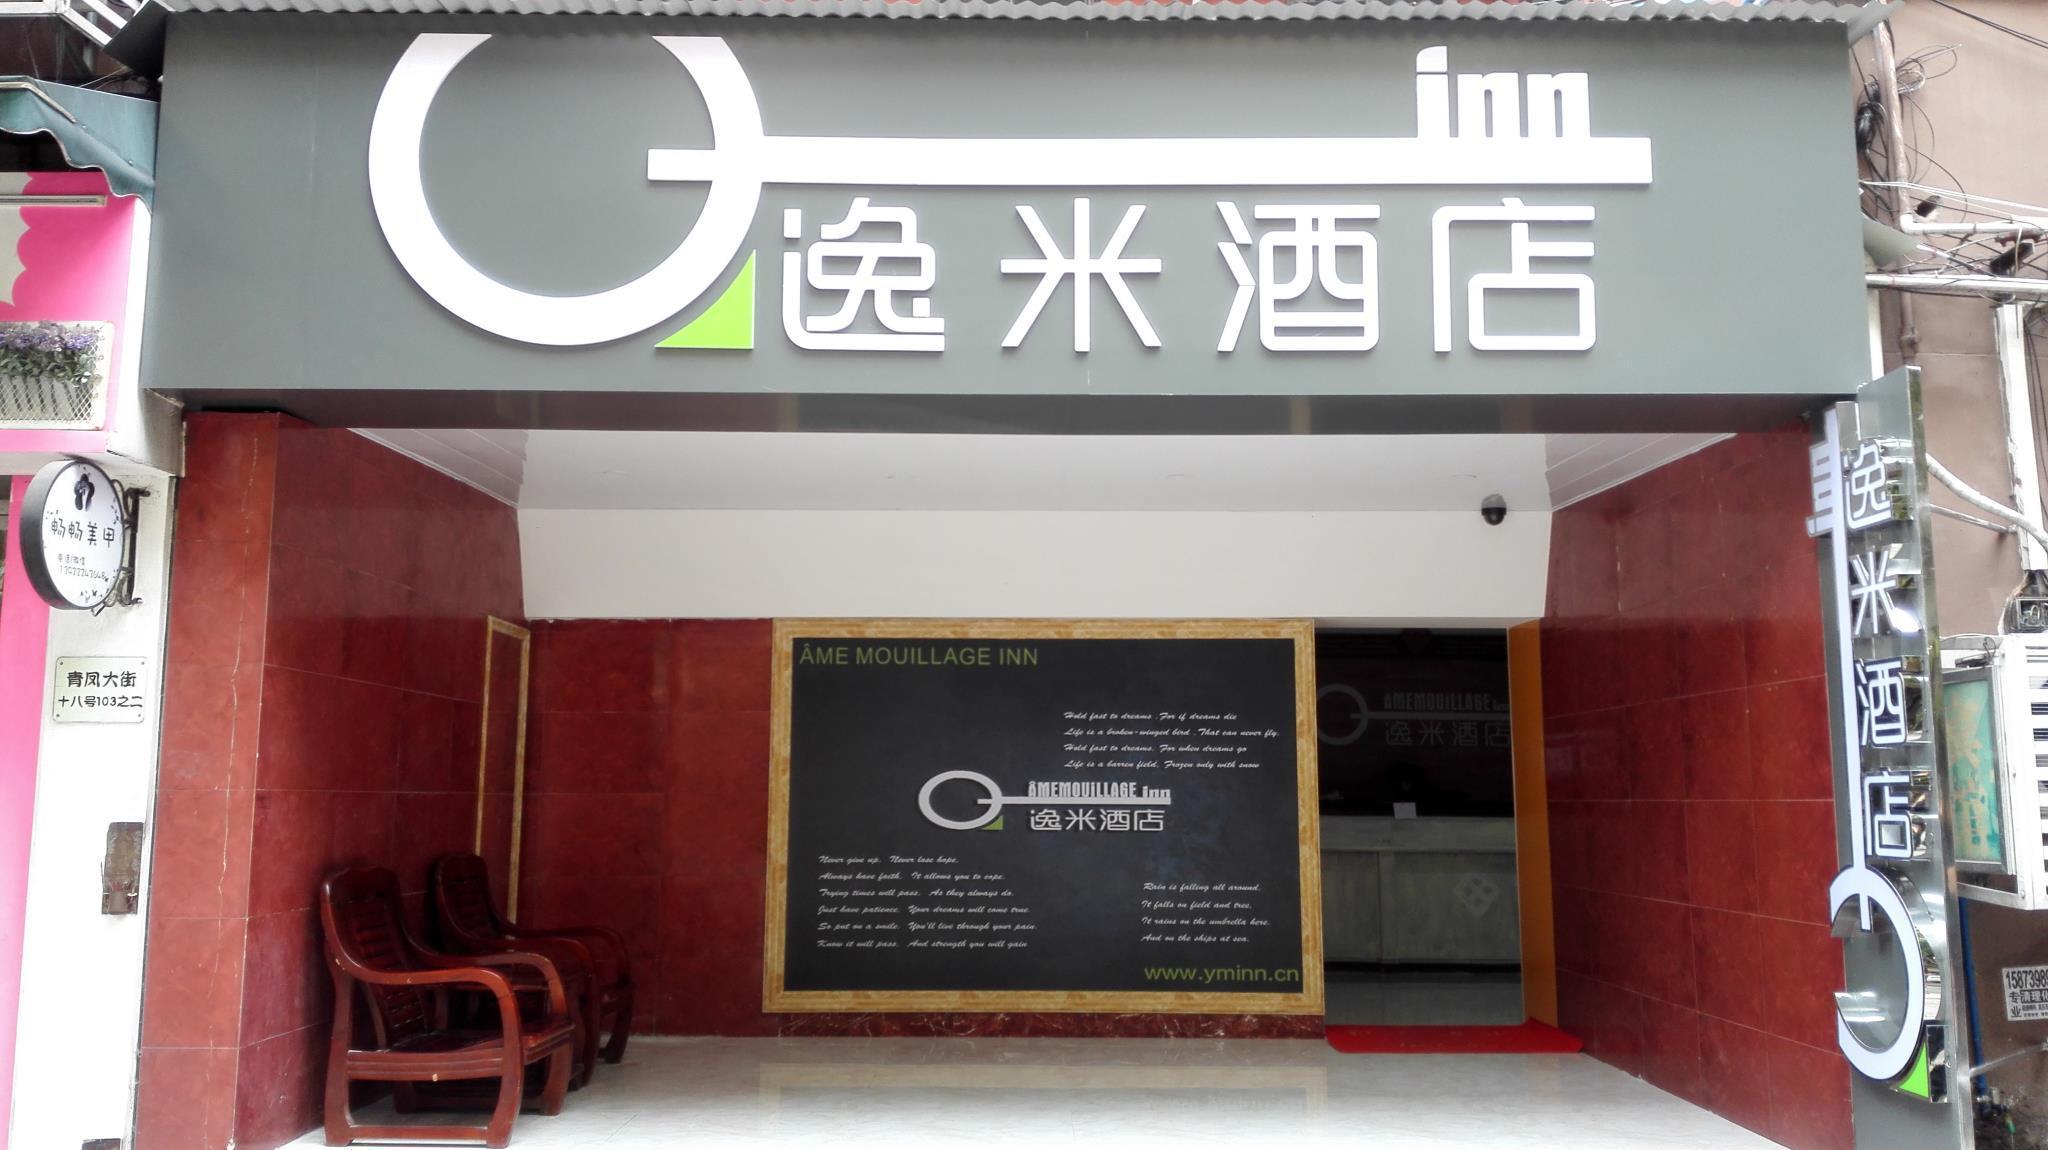 Yi Mi Hotel Guangzhou Jiangnan Xi Metro